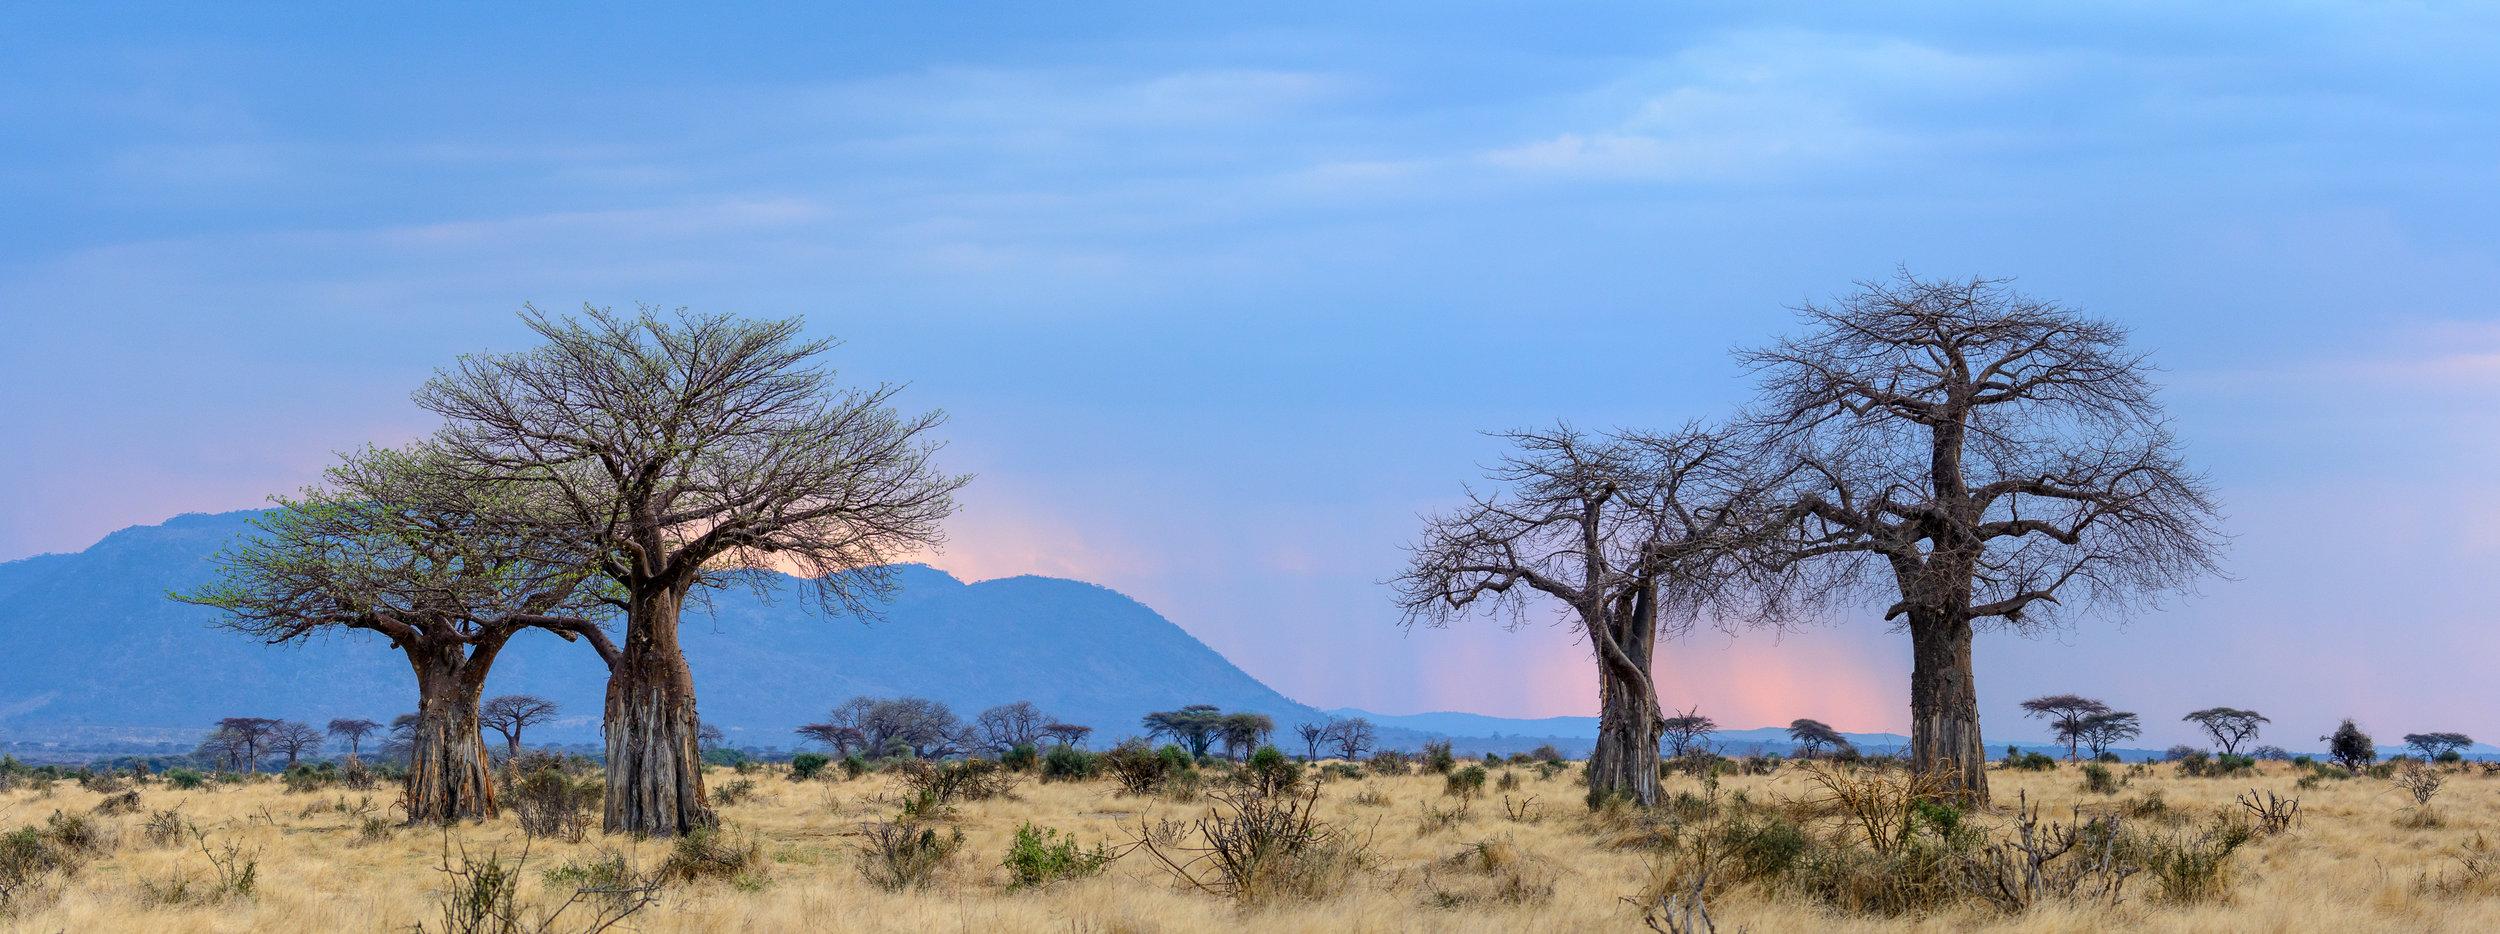 Jabali-Ridge-sunset-scenery.jpg